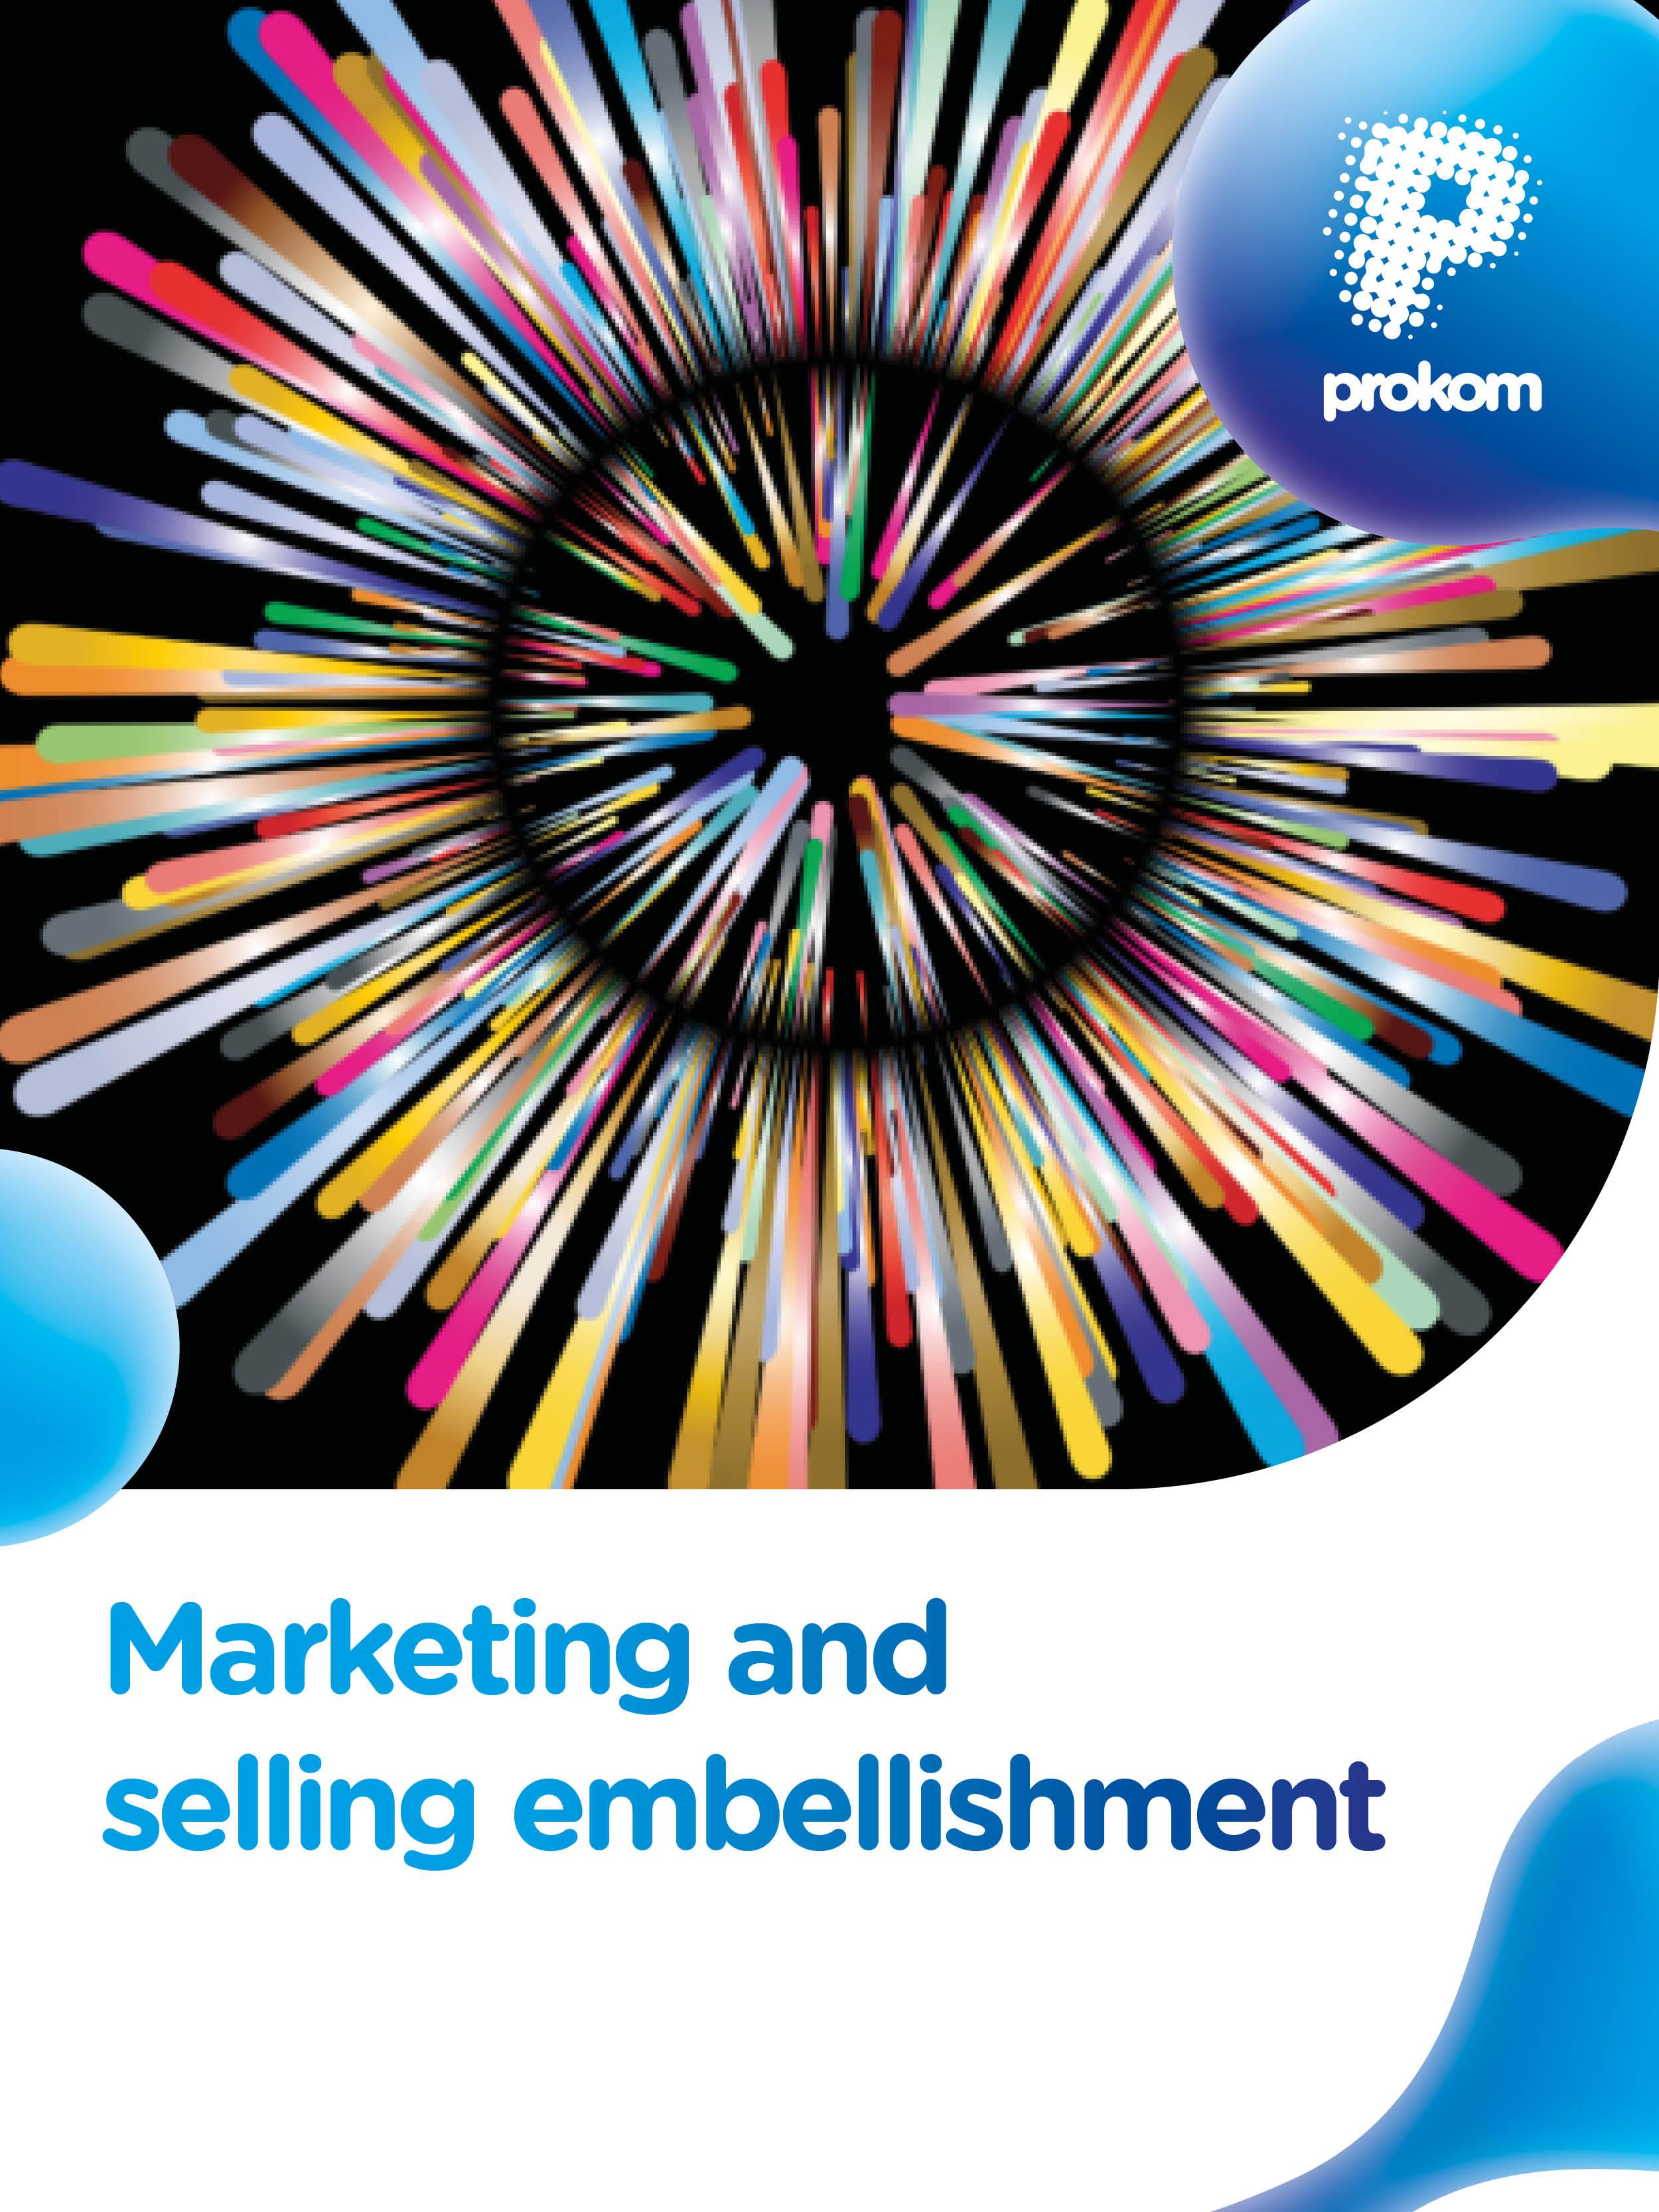 JetPro - Marketing and selling embellishment image image